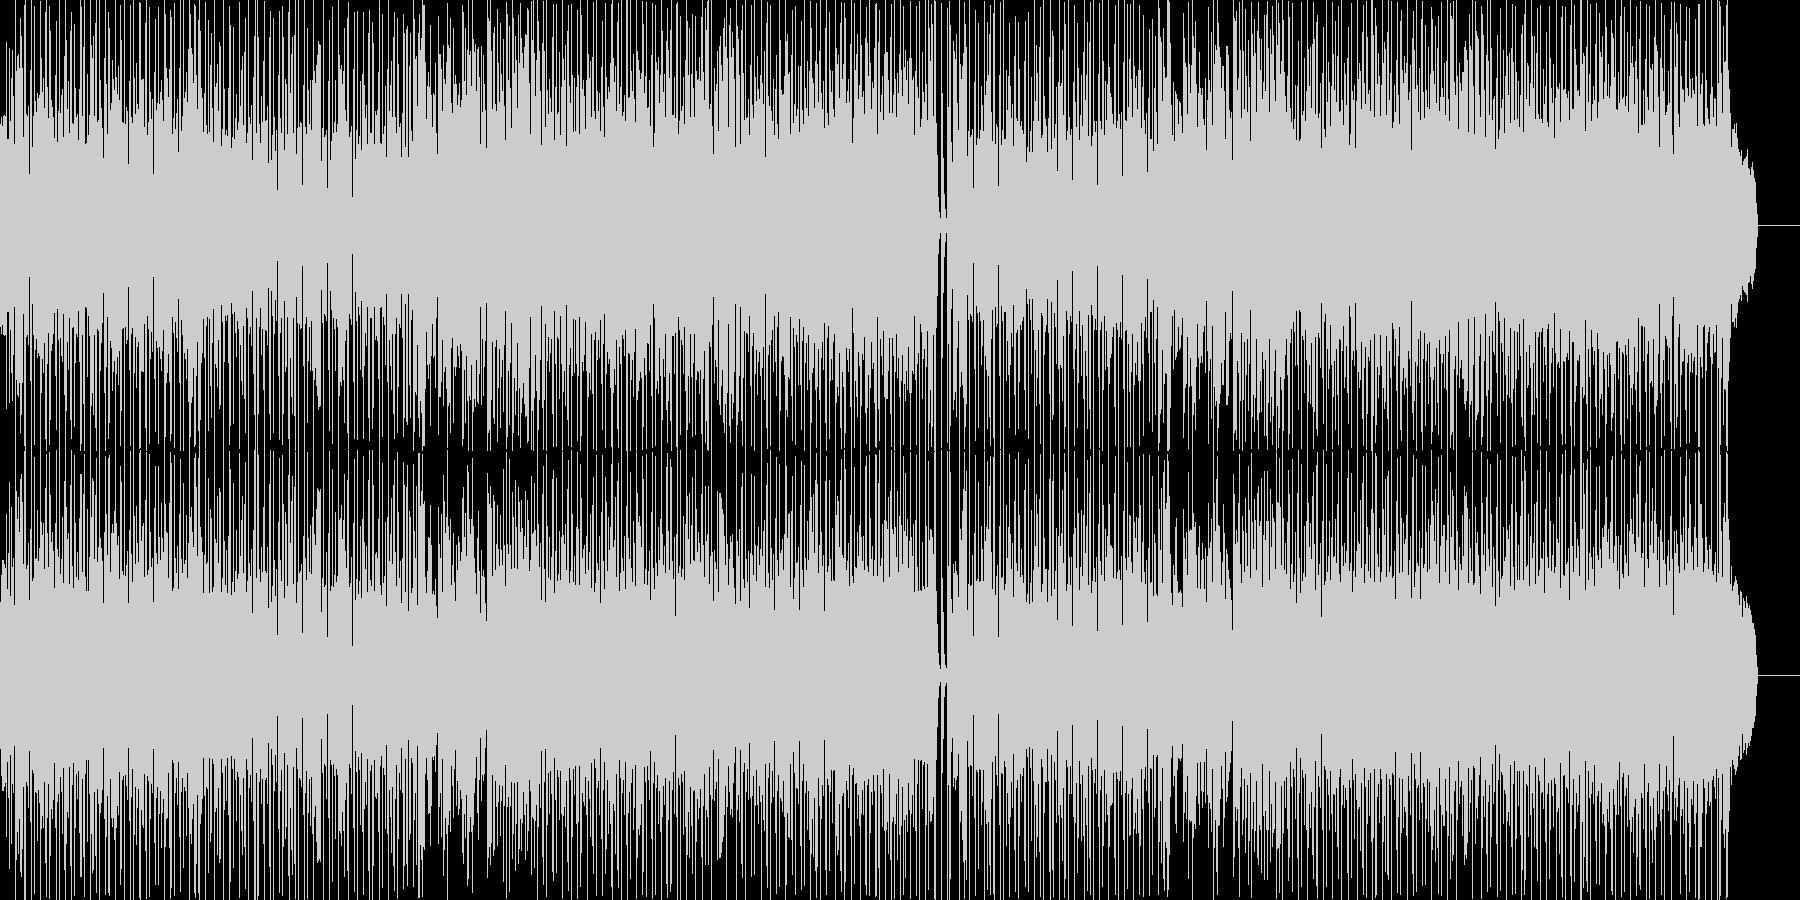 ストリングスの効いたポップスの未再生の波形